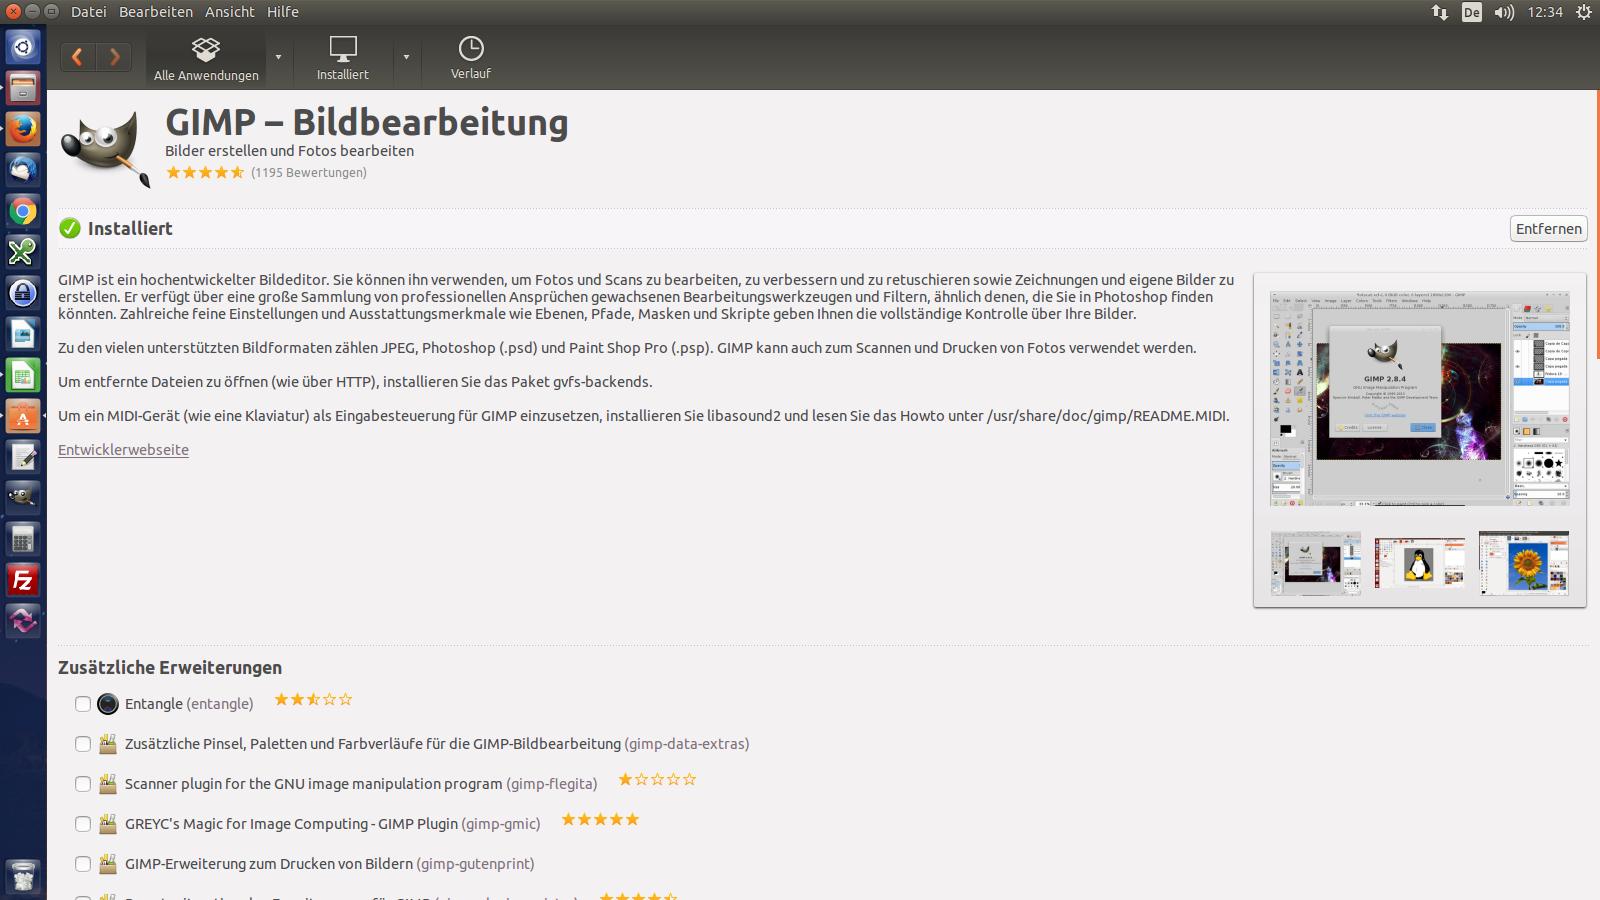 E-Learning-Anwendungen unter Ubuntu Linux Desktop 14.04 LTS, Teil 3/3